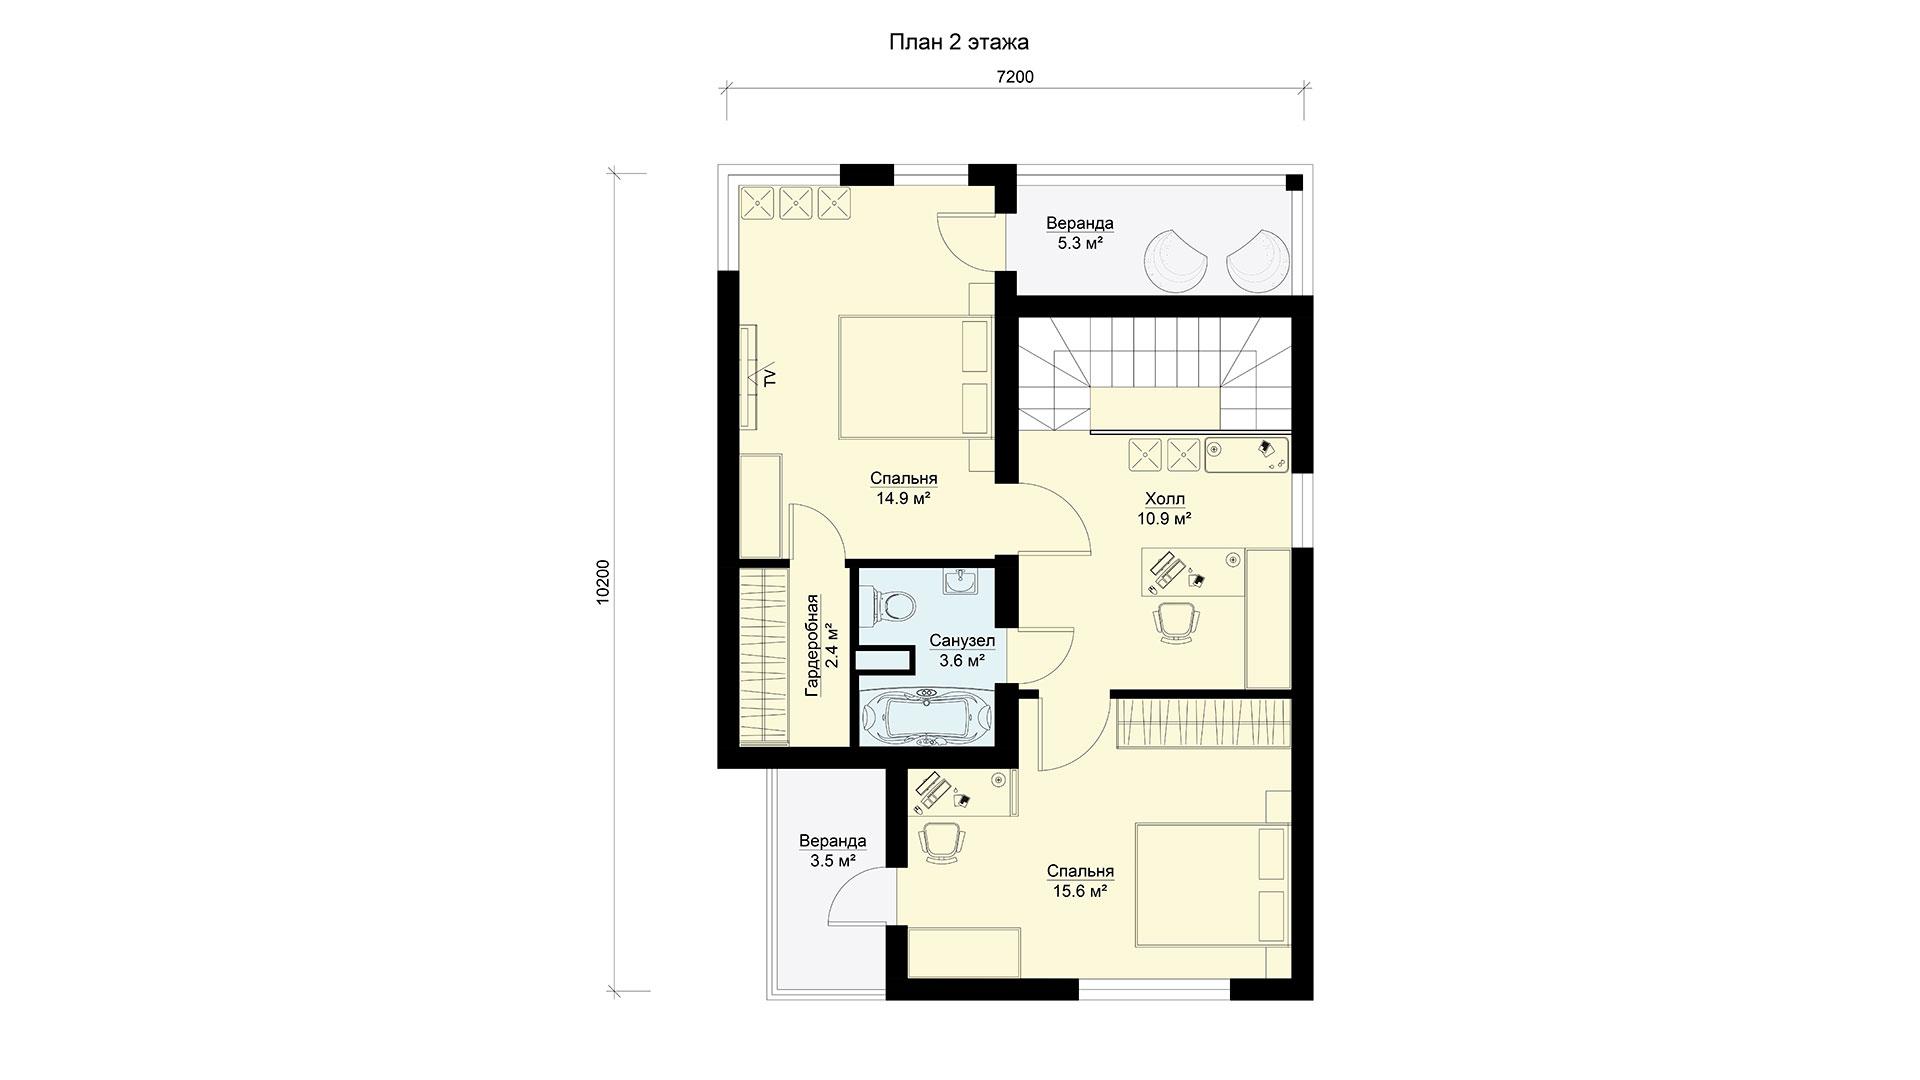 План второго этажа двухэтажного дома МС-112/1 в коттеджном поселке Берег Песочной в Истринском районе Московской области.